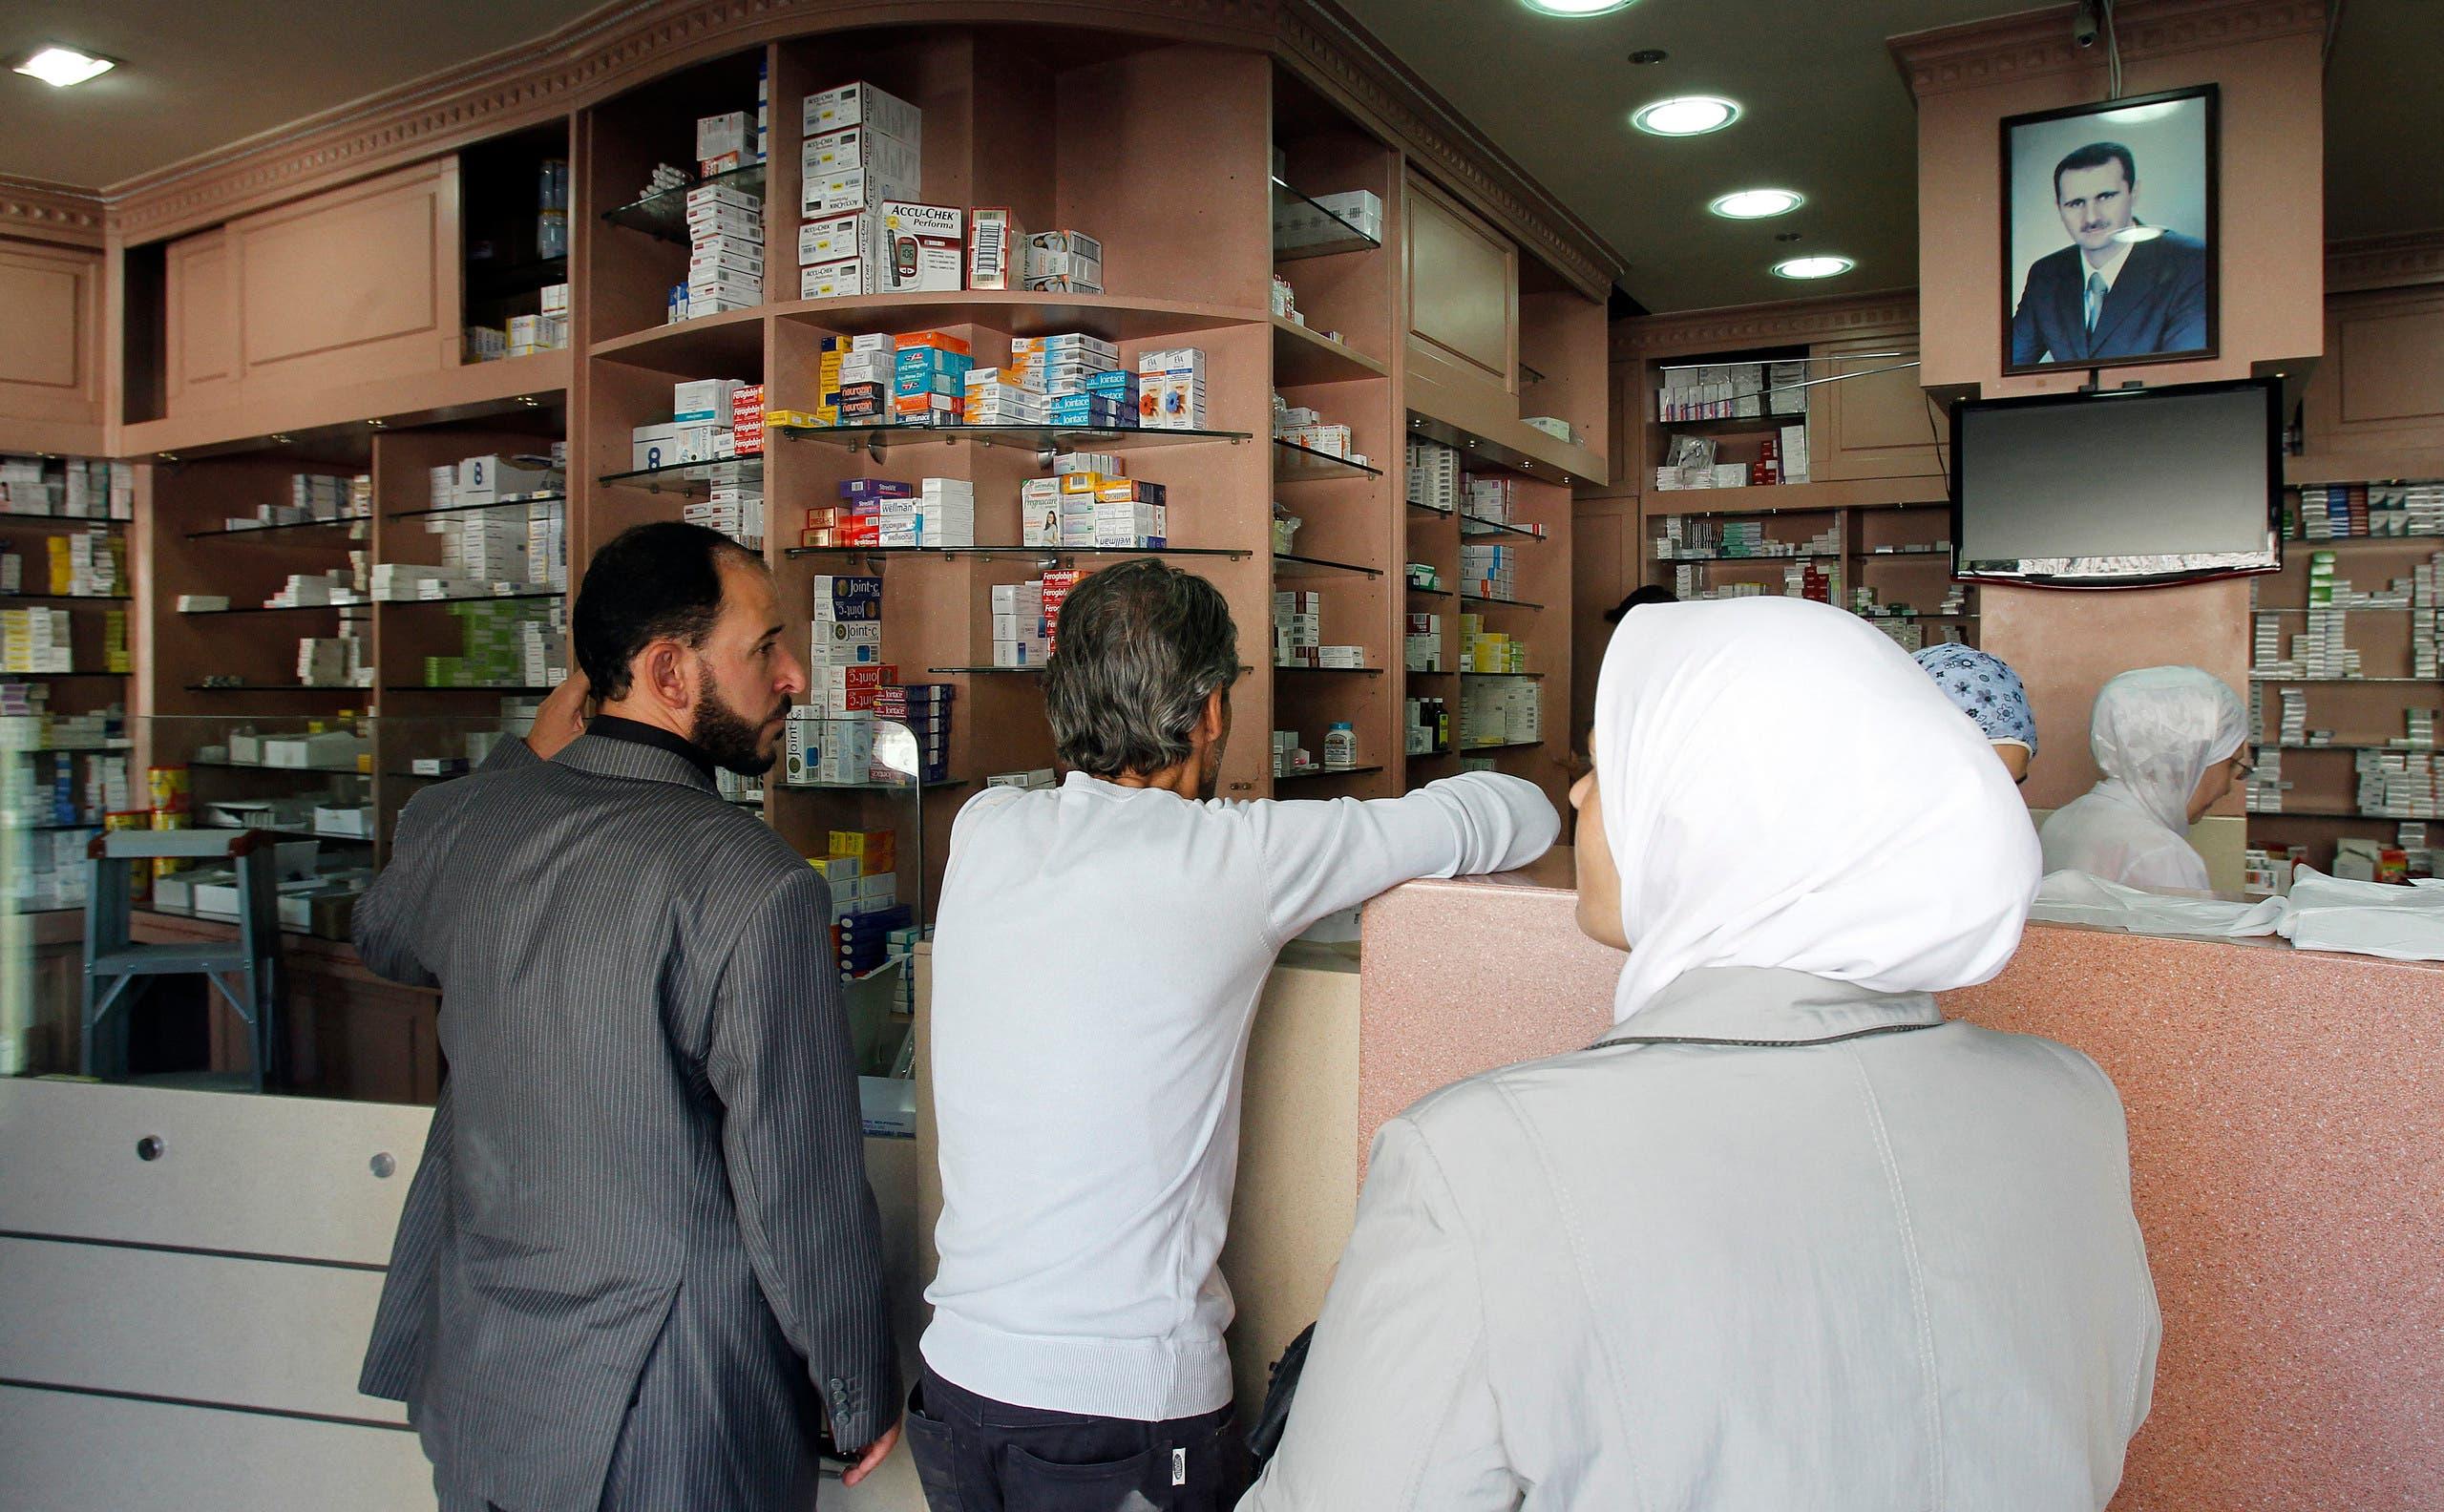 صيدلية في دمشق (فرانس برس)